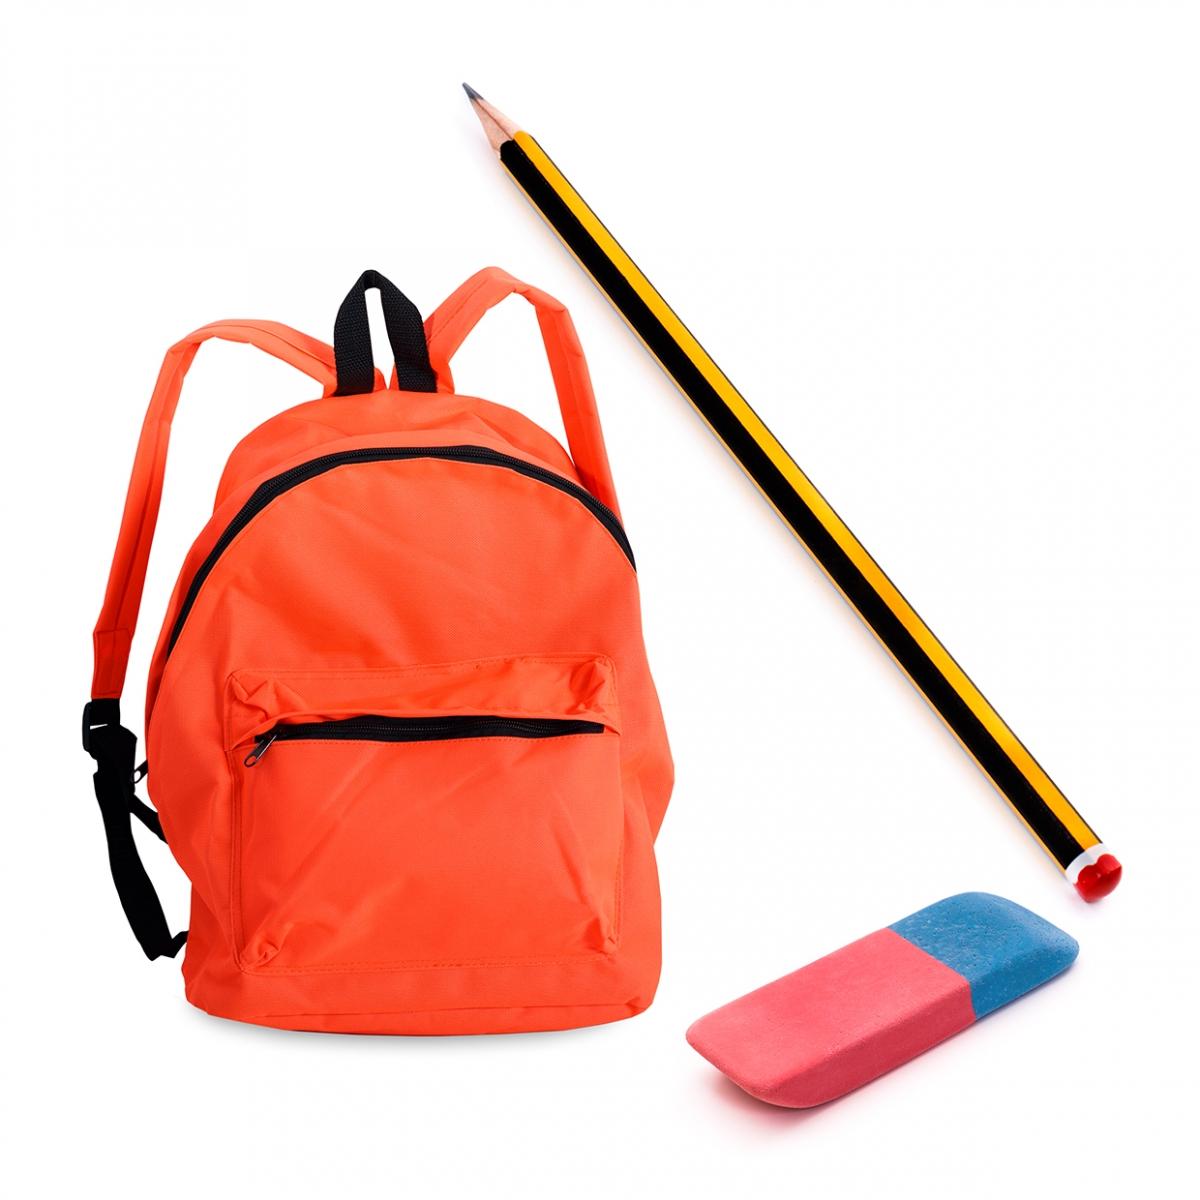 Imagen en la que se ve una mochila de colegio, un lápiz y una goma de borrar